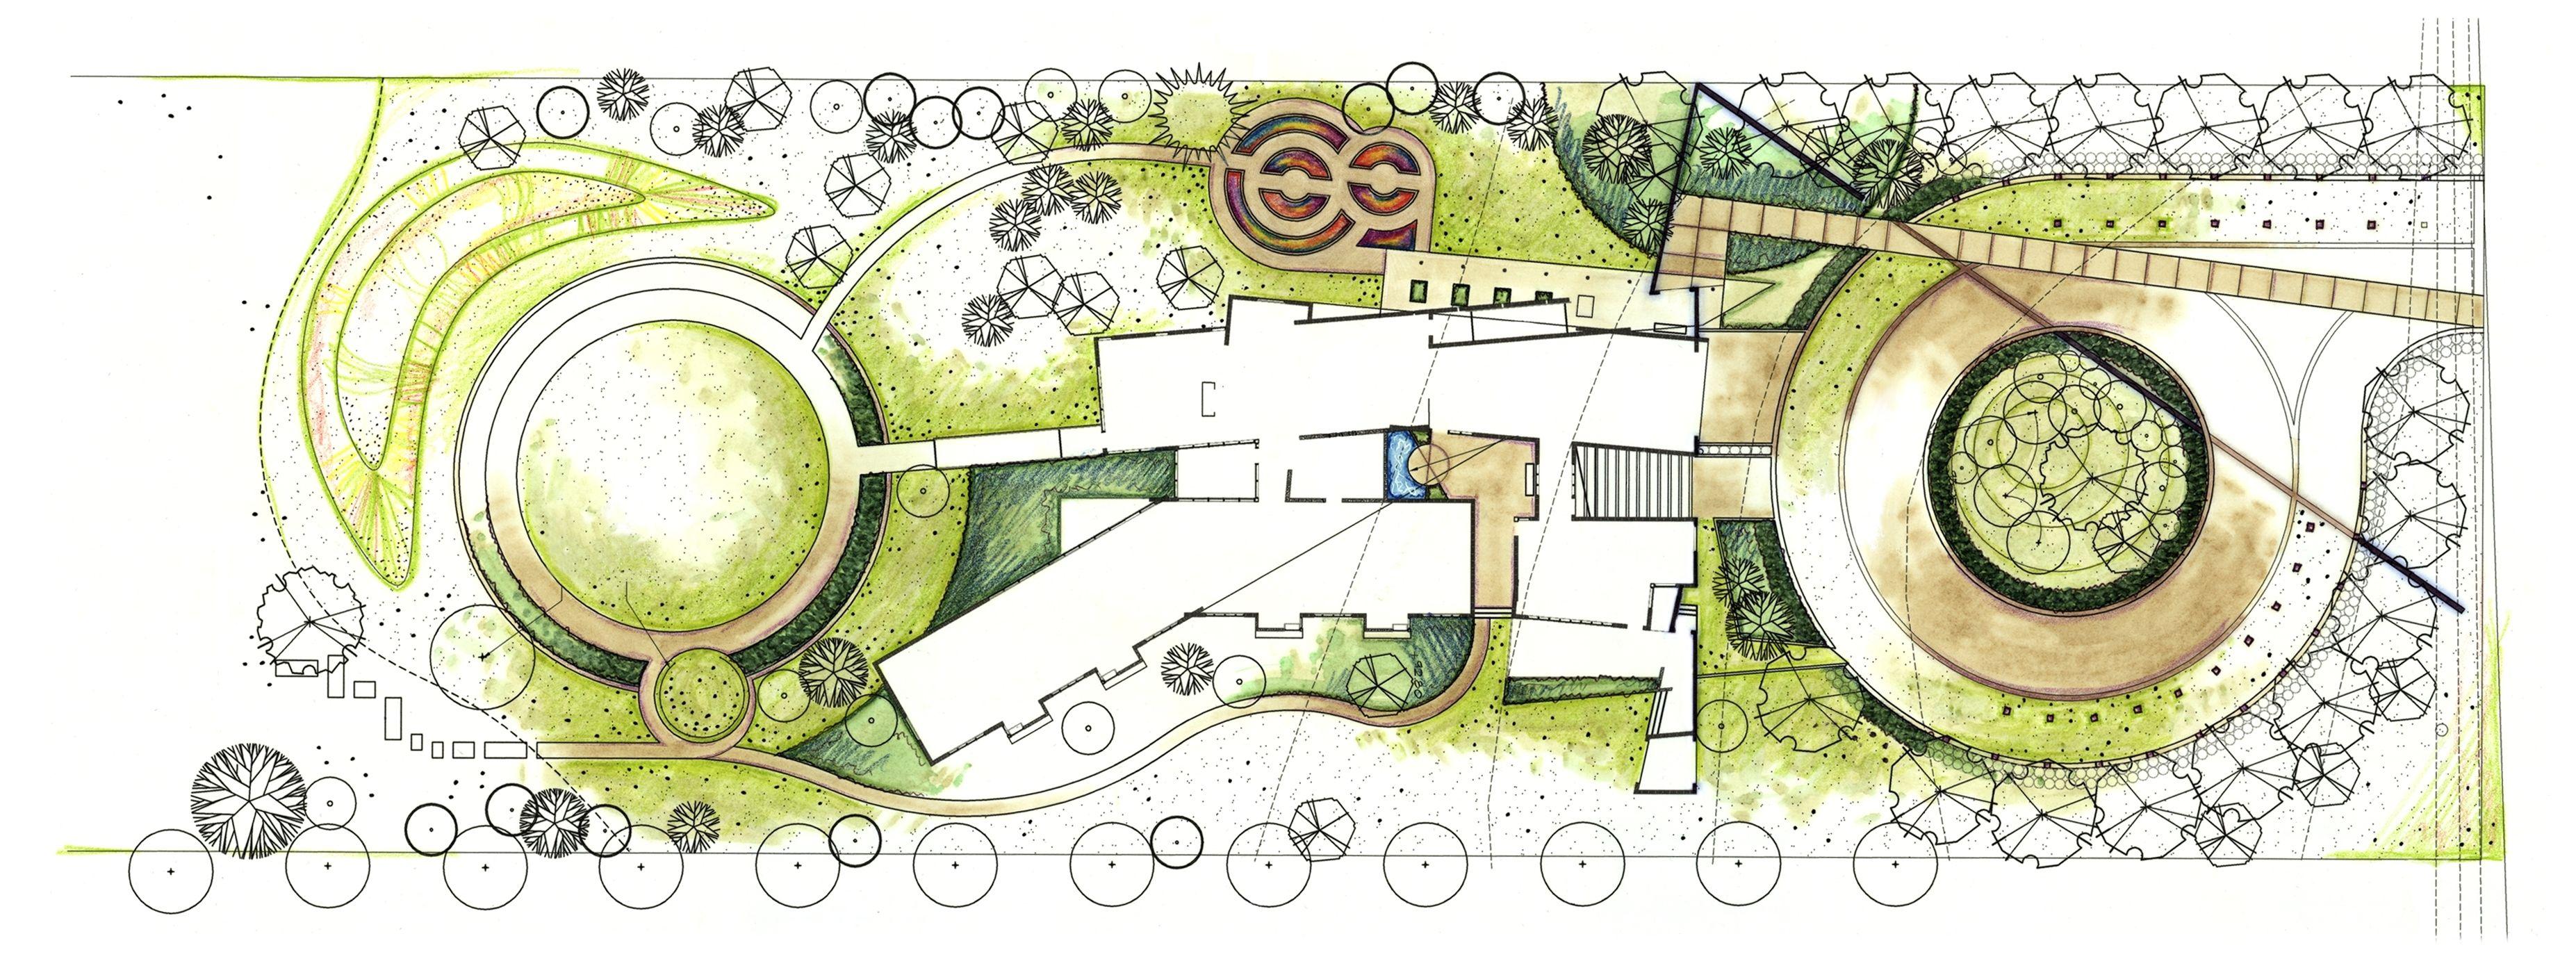 Pin On Landscape Design